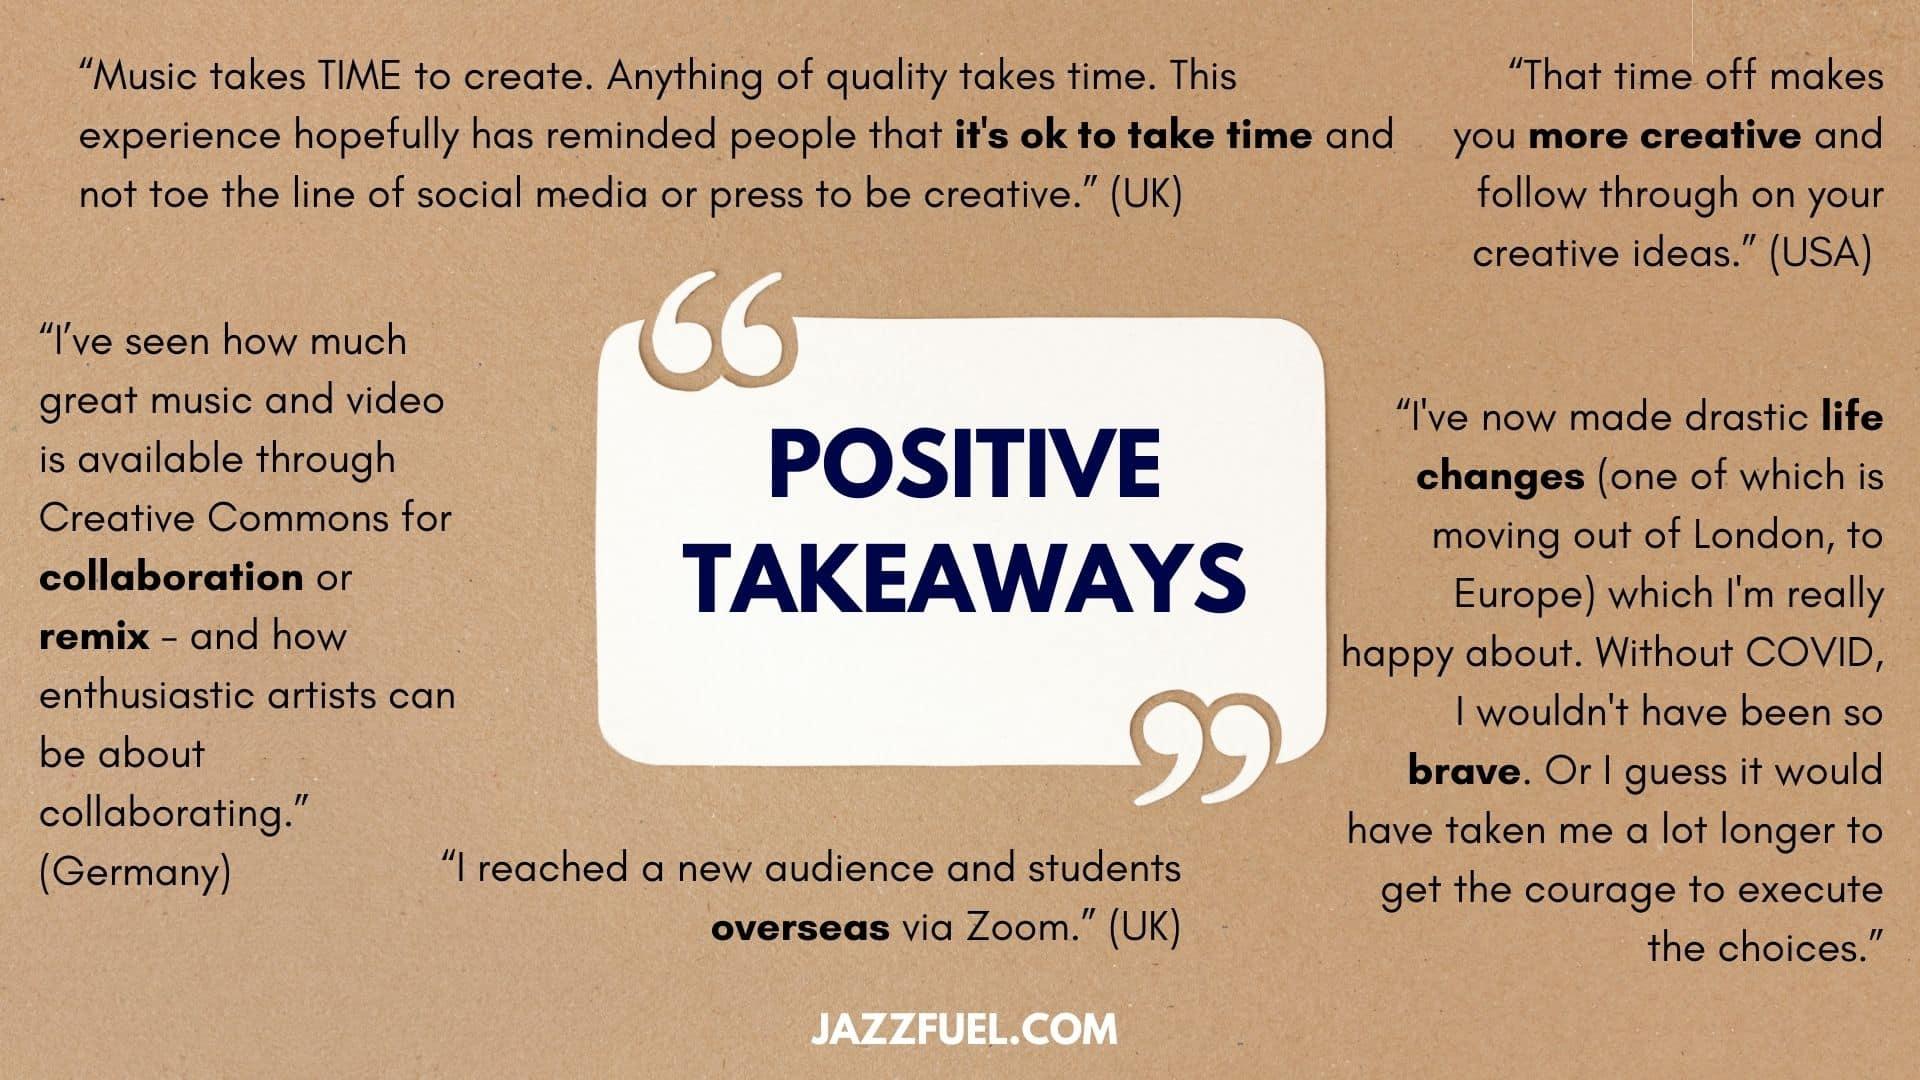 Positive takeaways